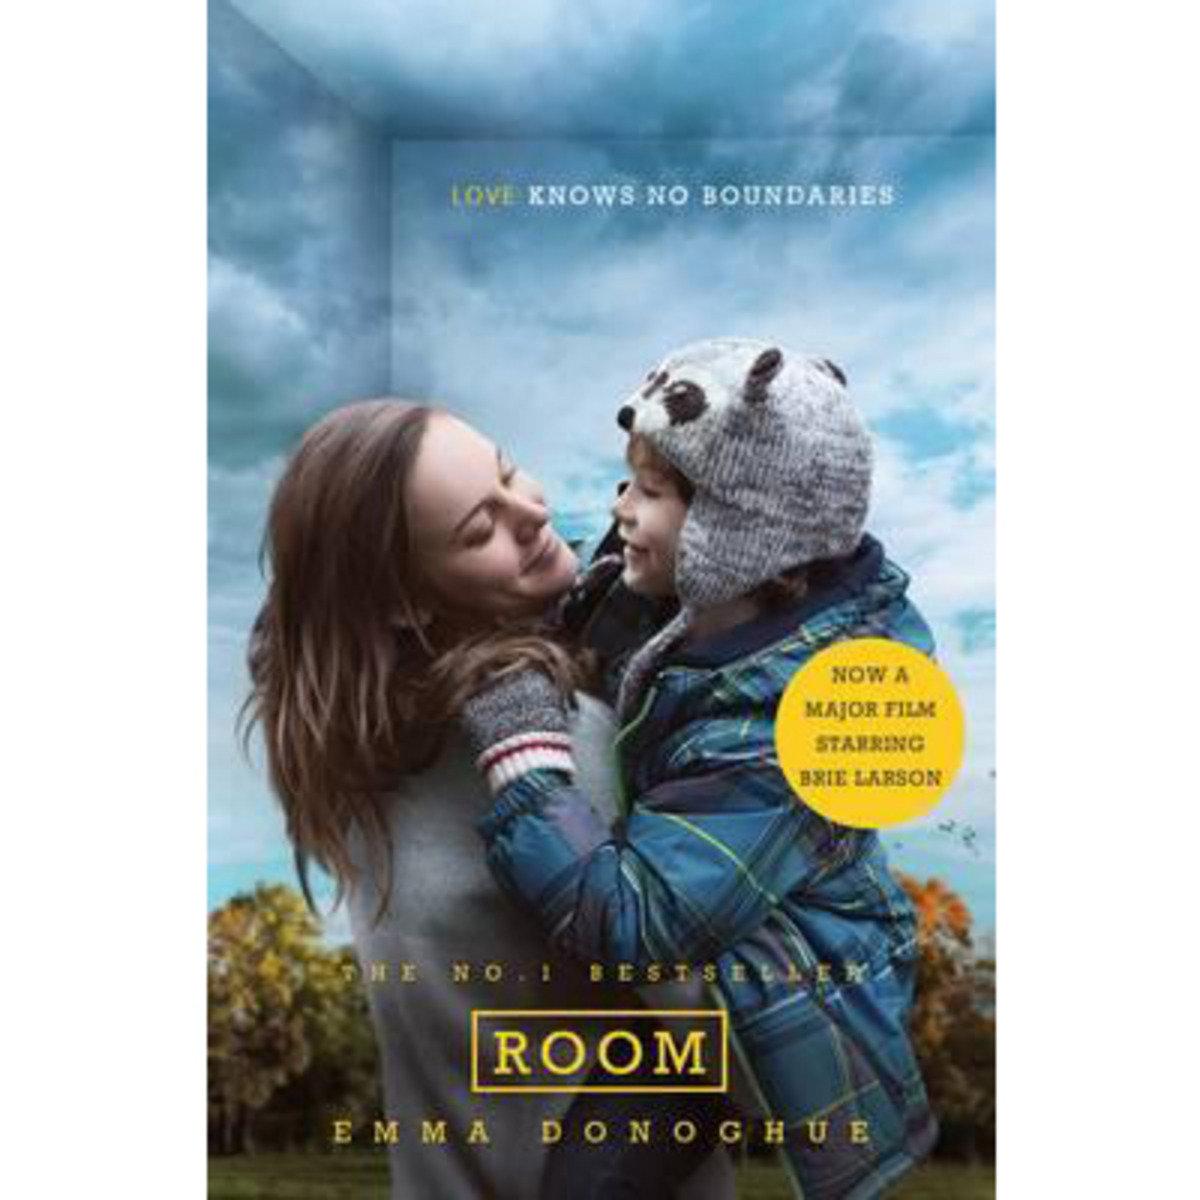 Room: Film Tie-in edition